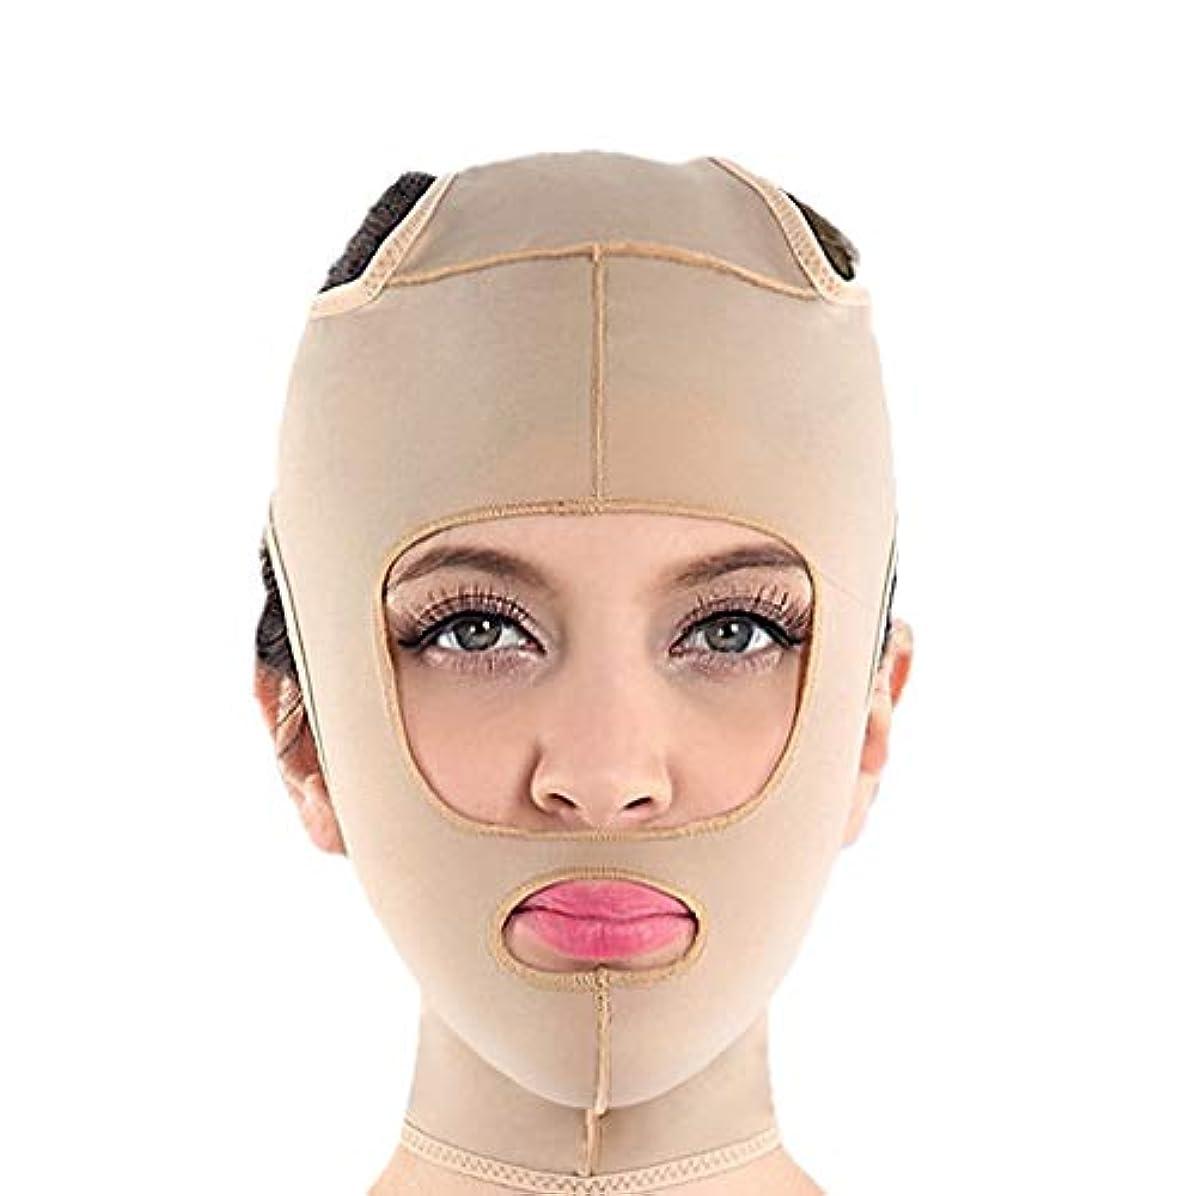 悪党最も早い費用XHLMRMJ フェイスリフティング、ダブルチンストラップ、フェイシャル減量マスク、ダブルチンを減らすリフティングヌードル、ファーミングフェイス、パワフルリフティングマスク (Size : L)